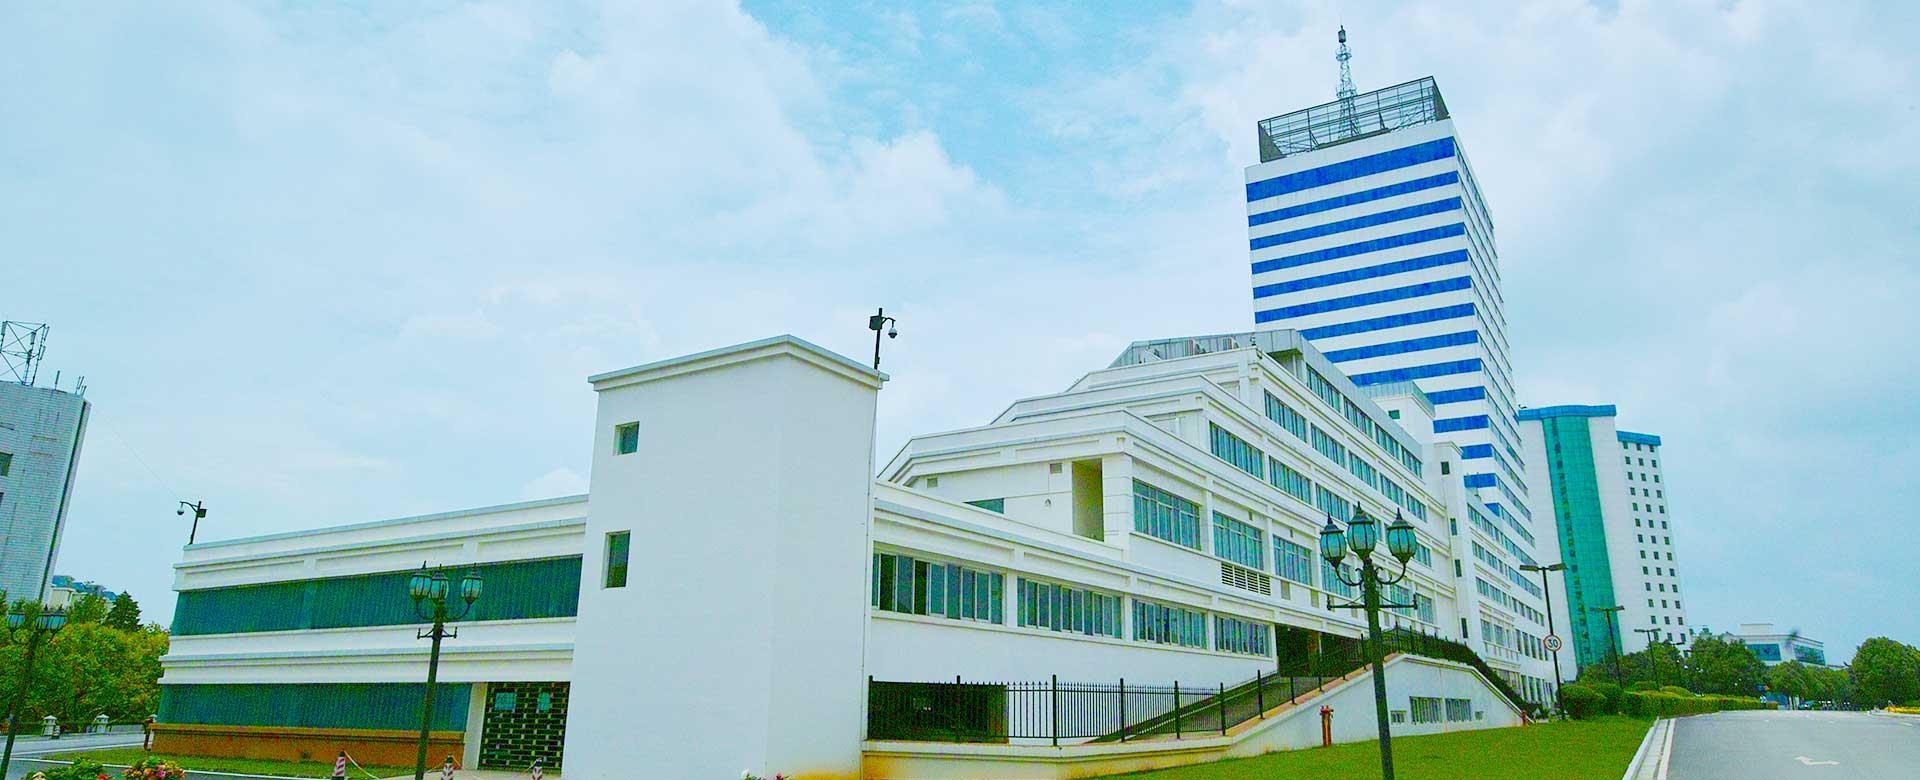 曲靖烟厂综合楼